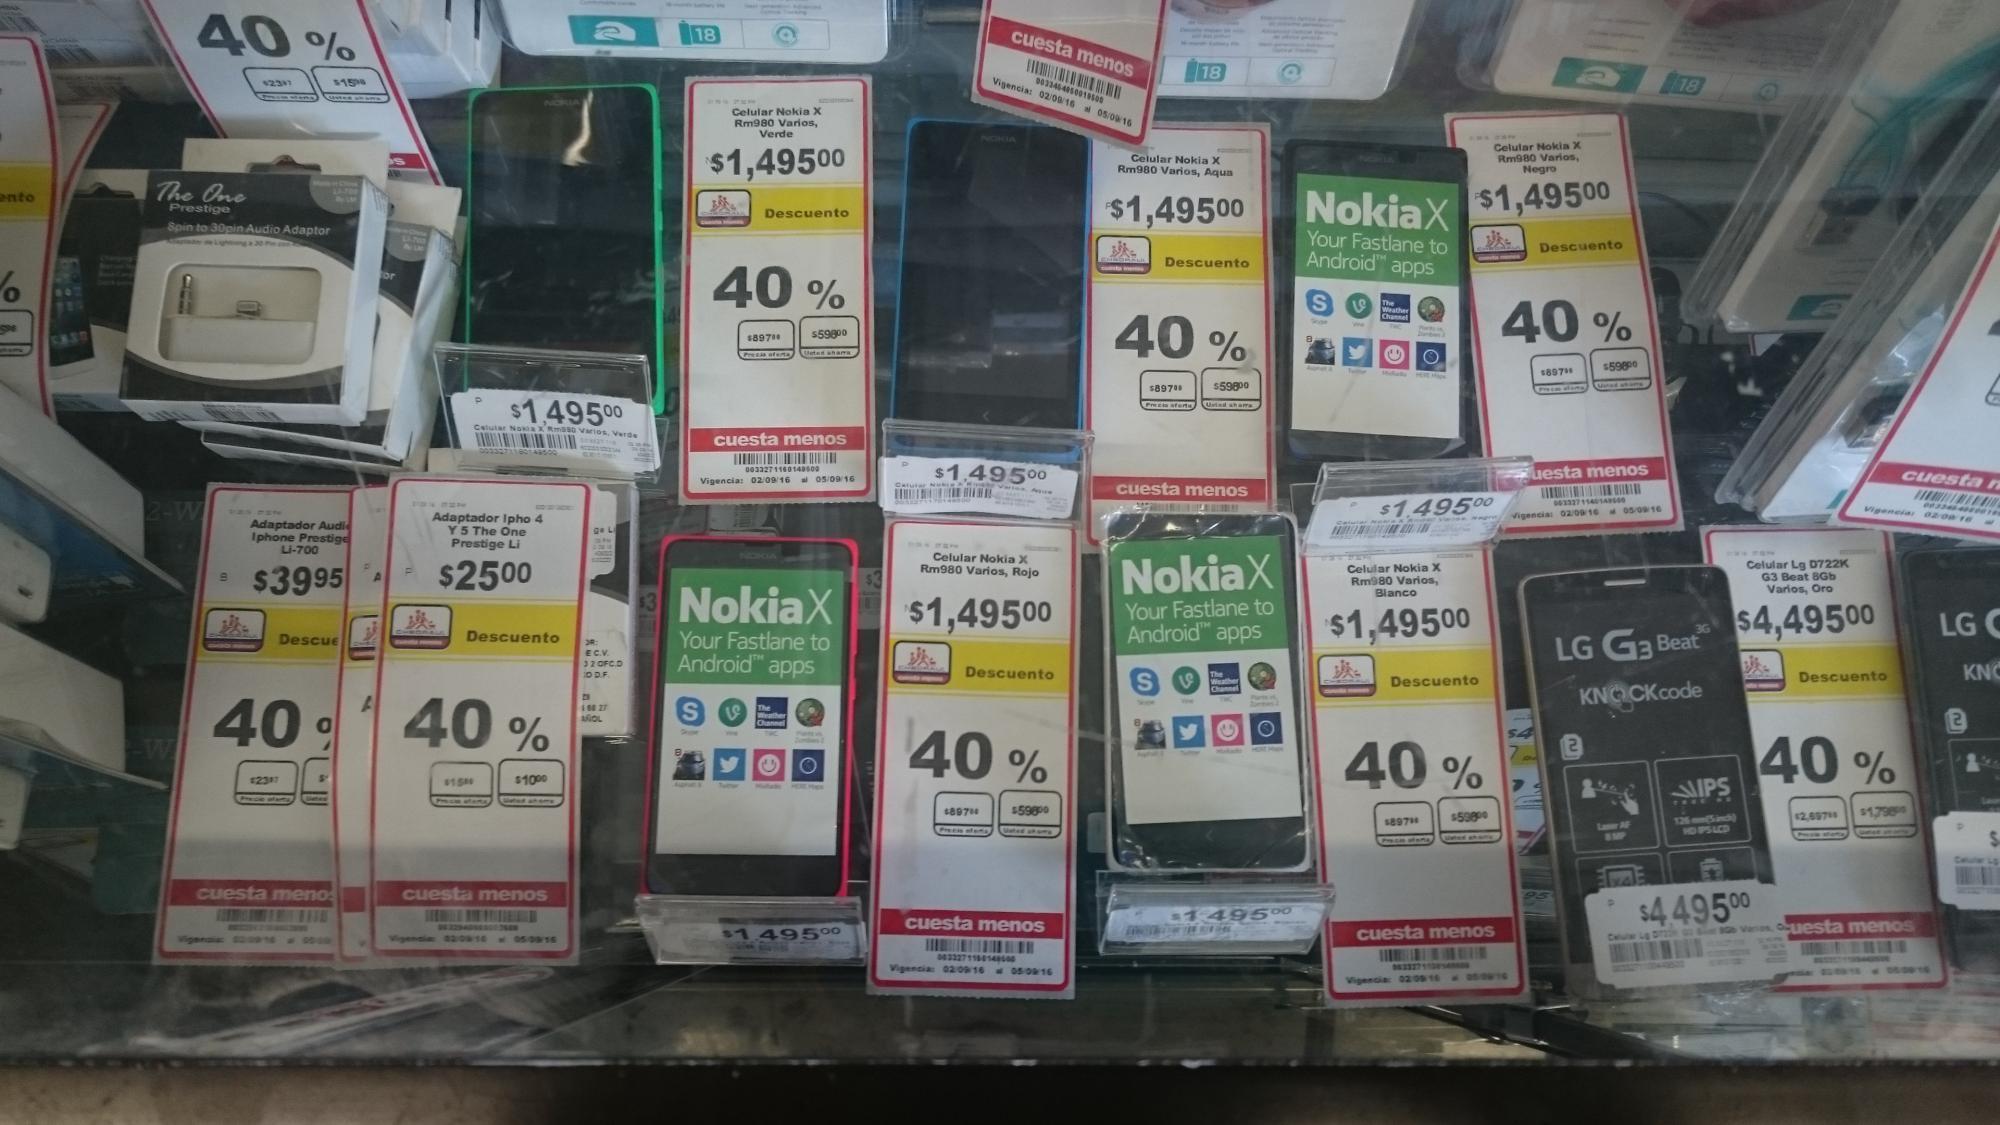 Chedradui Puebla CAPU: Nokia X RM980 $897, Bluray Philips BDP2205 $837 y muchos más artículos con el 40% de descuento directo.